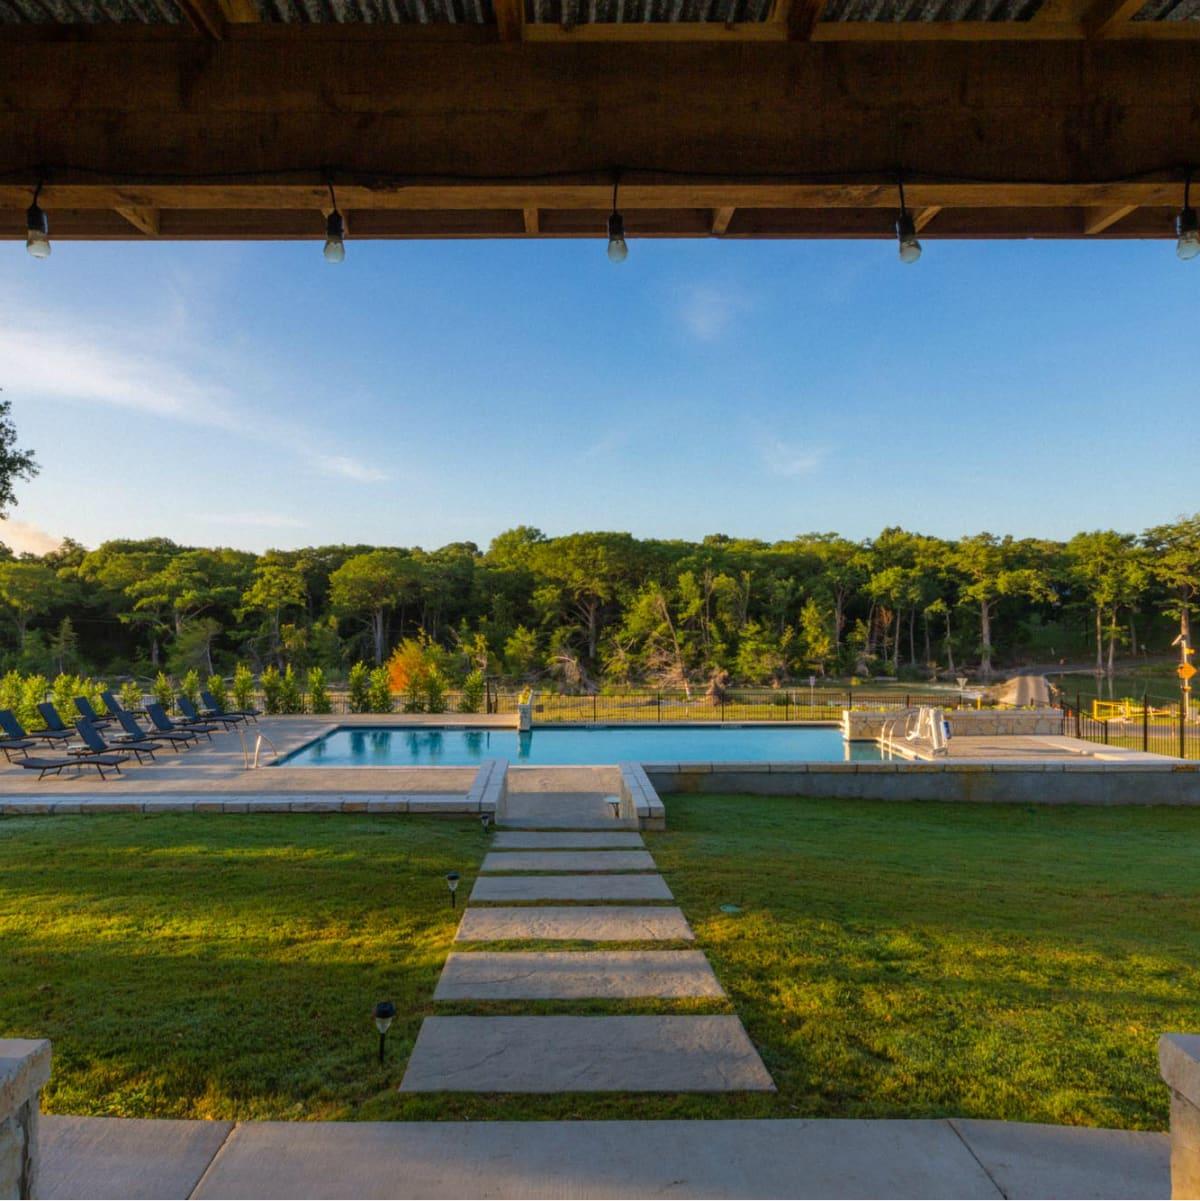 7A Resort Pool